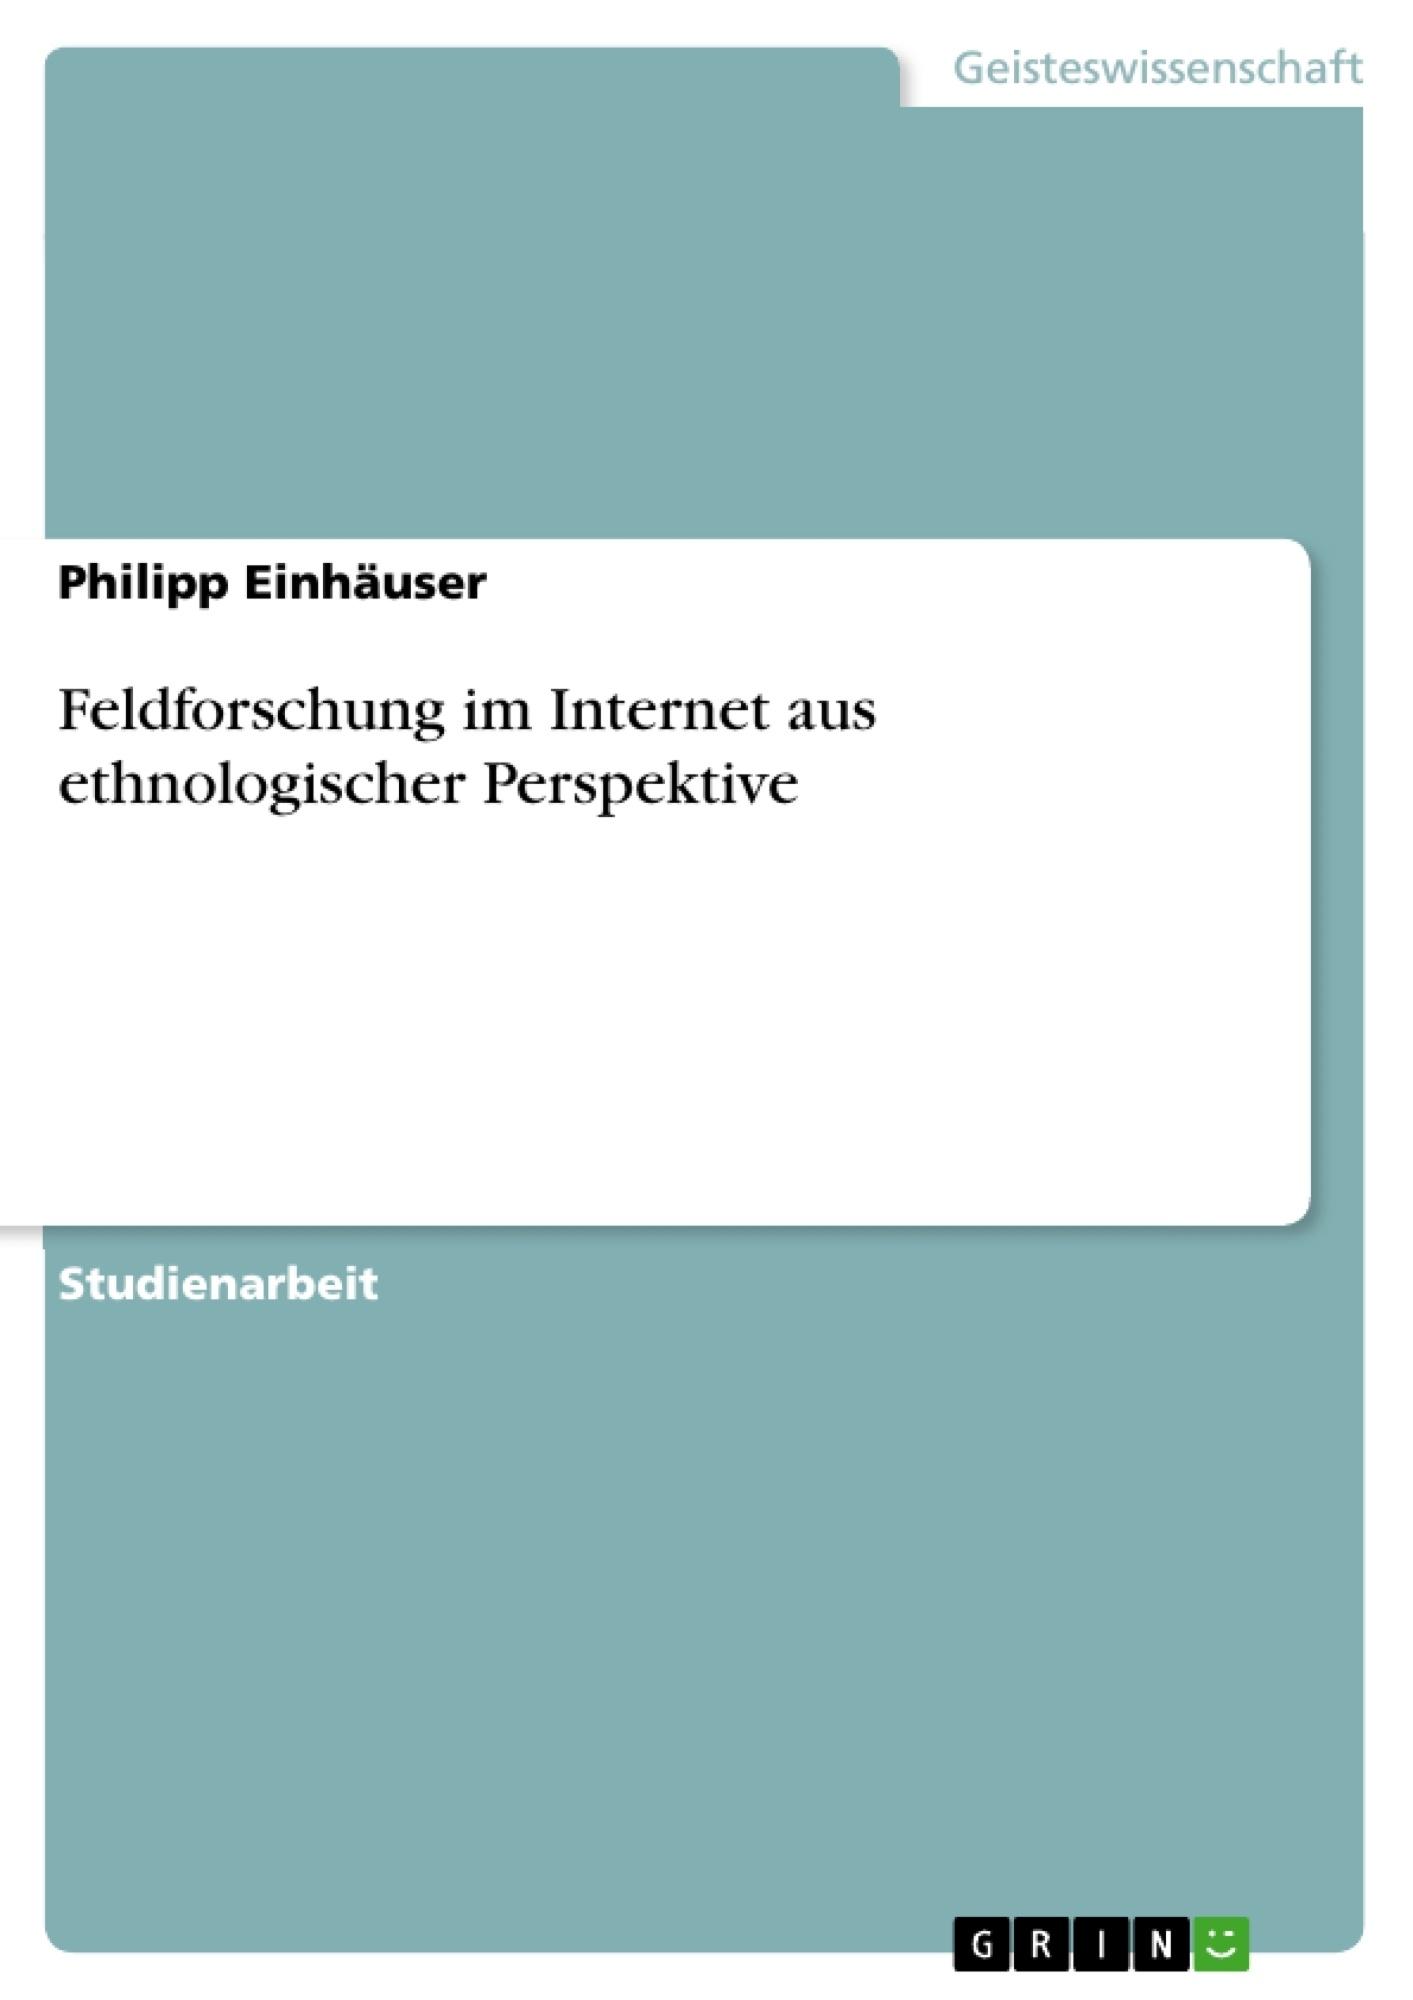 Titel: Feldforschung im Internet aus ethnologischer Perspektive